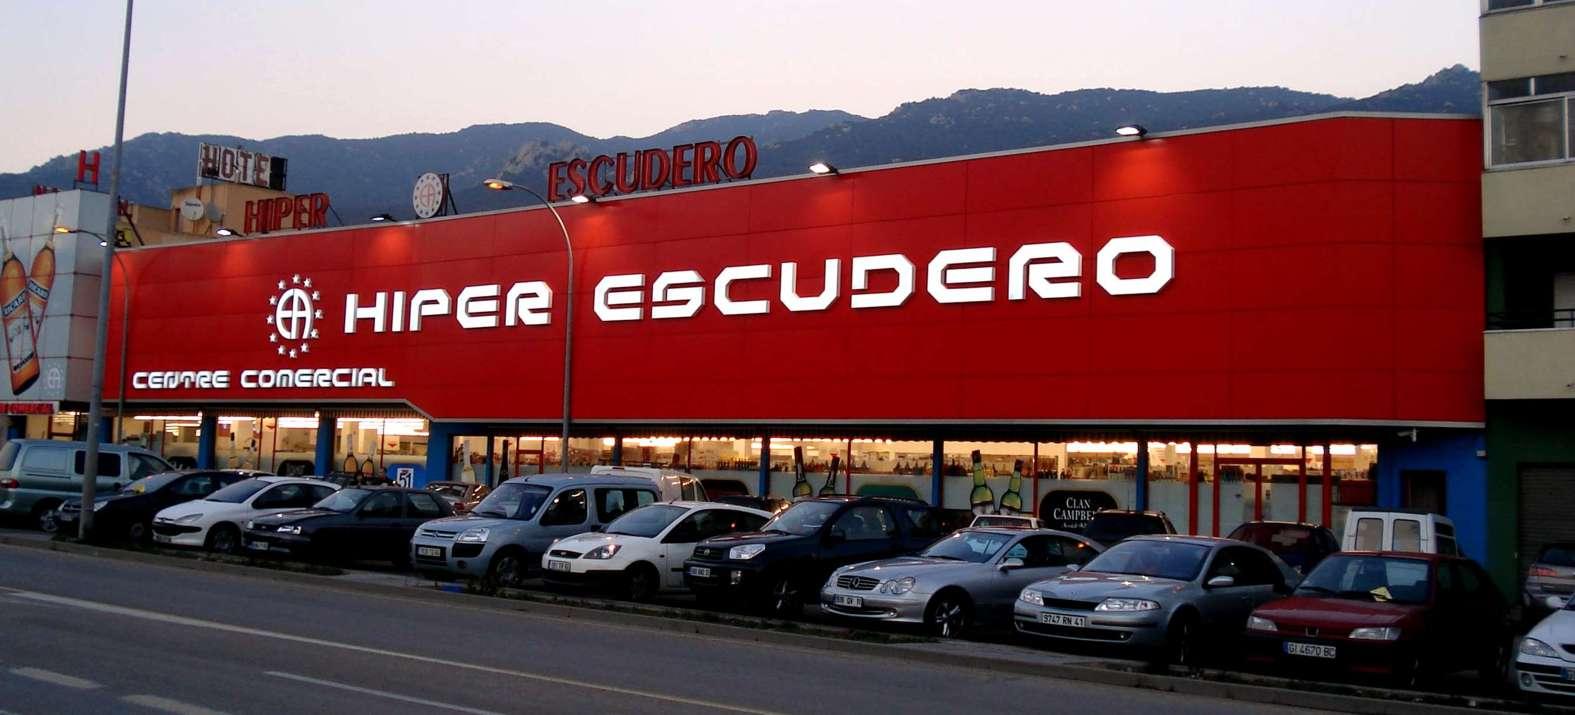 escudero La Jonquera